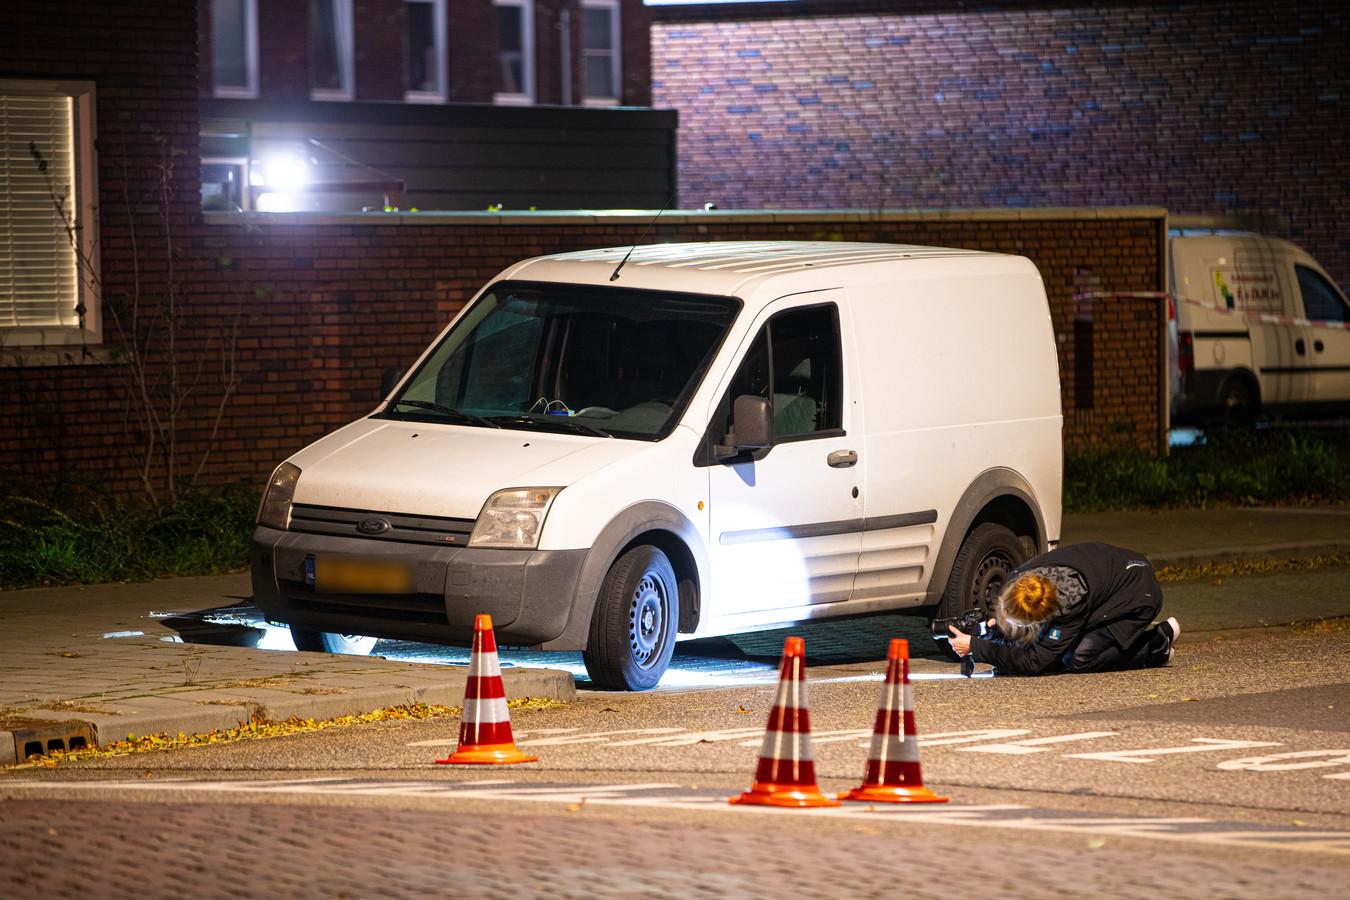 De inzittende van deze auto, die eind oktober in Zwolle werd beschoten, is vrijdagavond aangehouden. Hij wordt ervan verdacht zelf terug te hebben geschoten. Ook wordt hij verdacht van drugshandel.